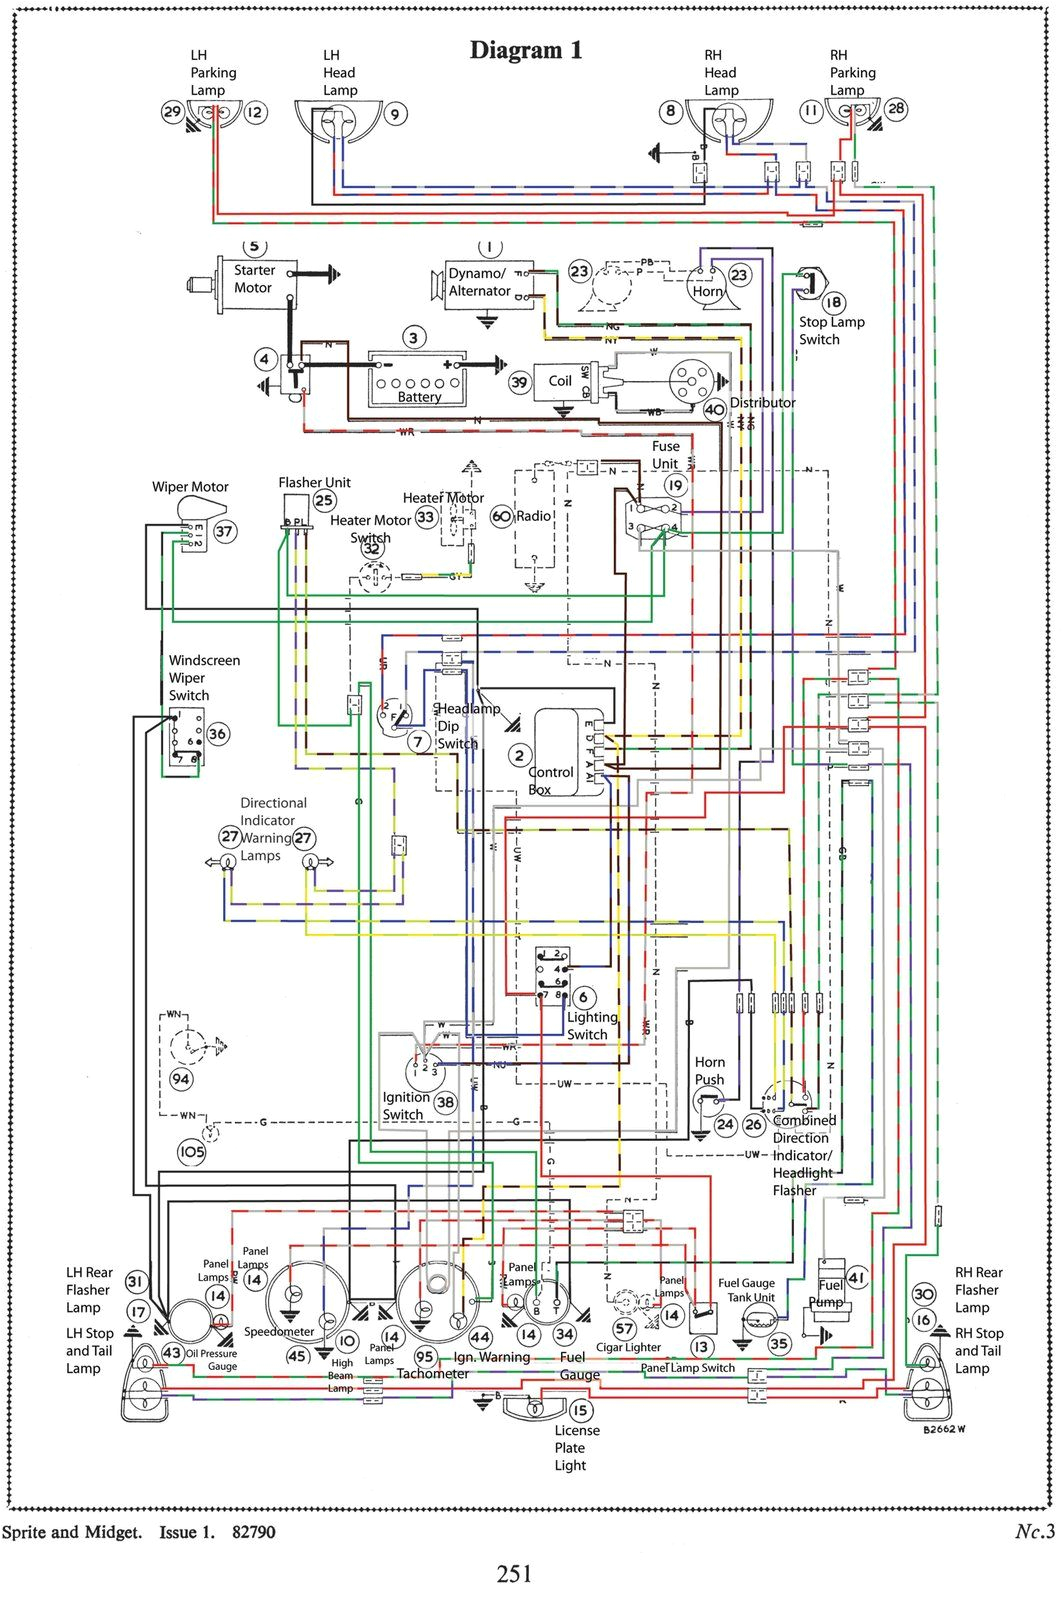 1973 mg mgb wiring diagram detailed schematics diagram 1976 mg midget wiring diagram 1969 mgb